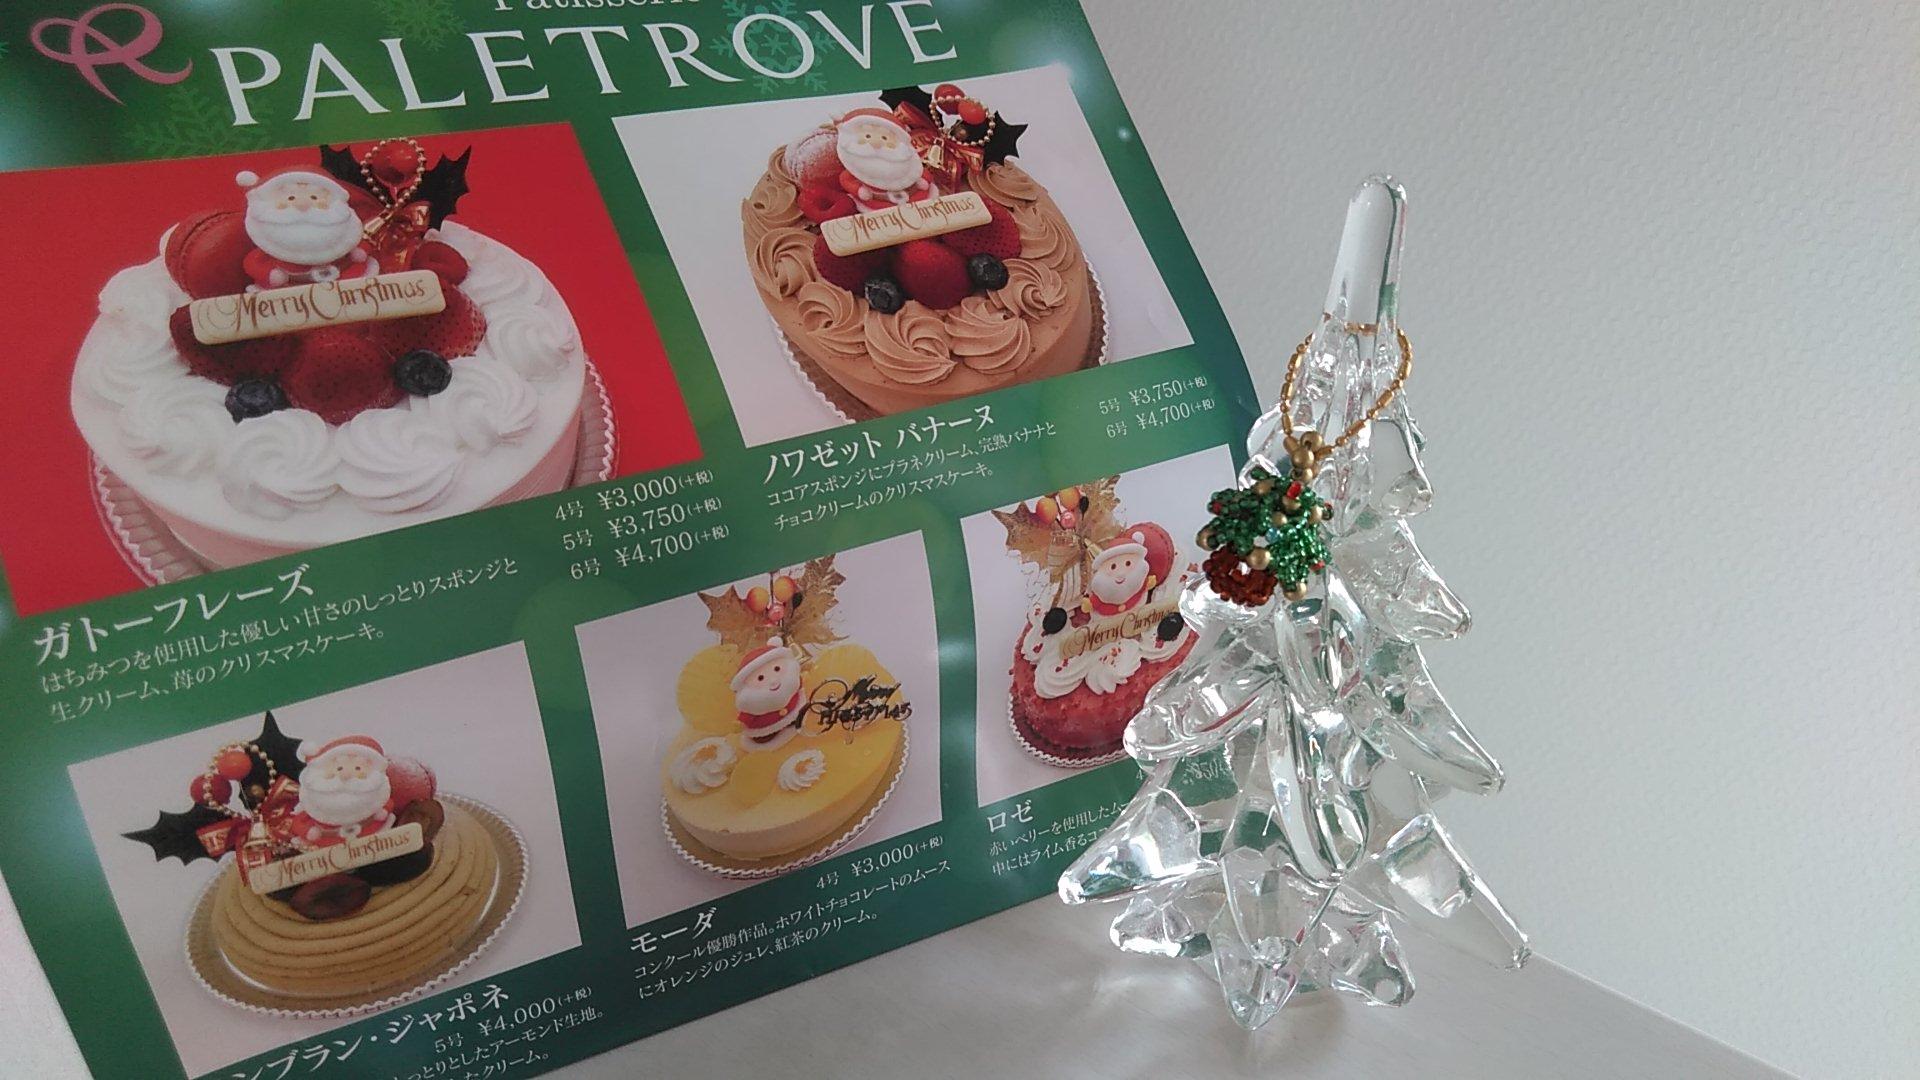 平成最後のクリスマスケーキは、岡本の新店「パティスリーパレットローヴ」で決まり!